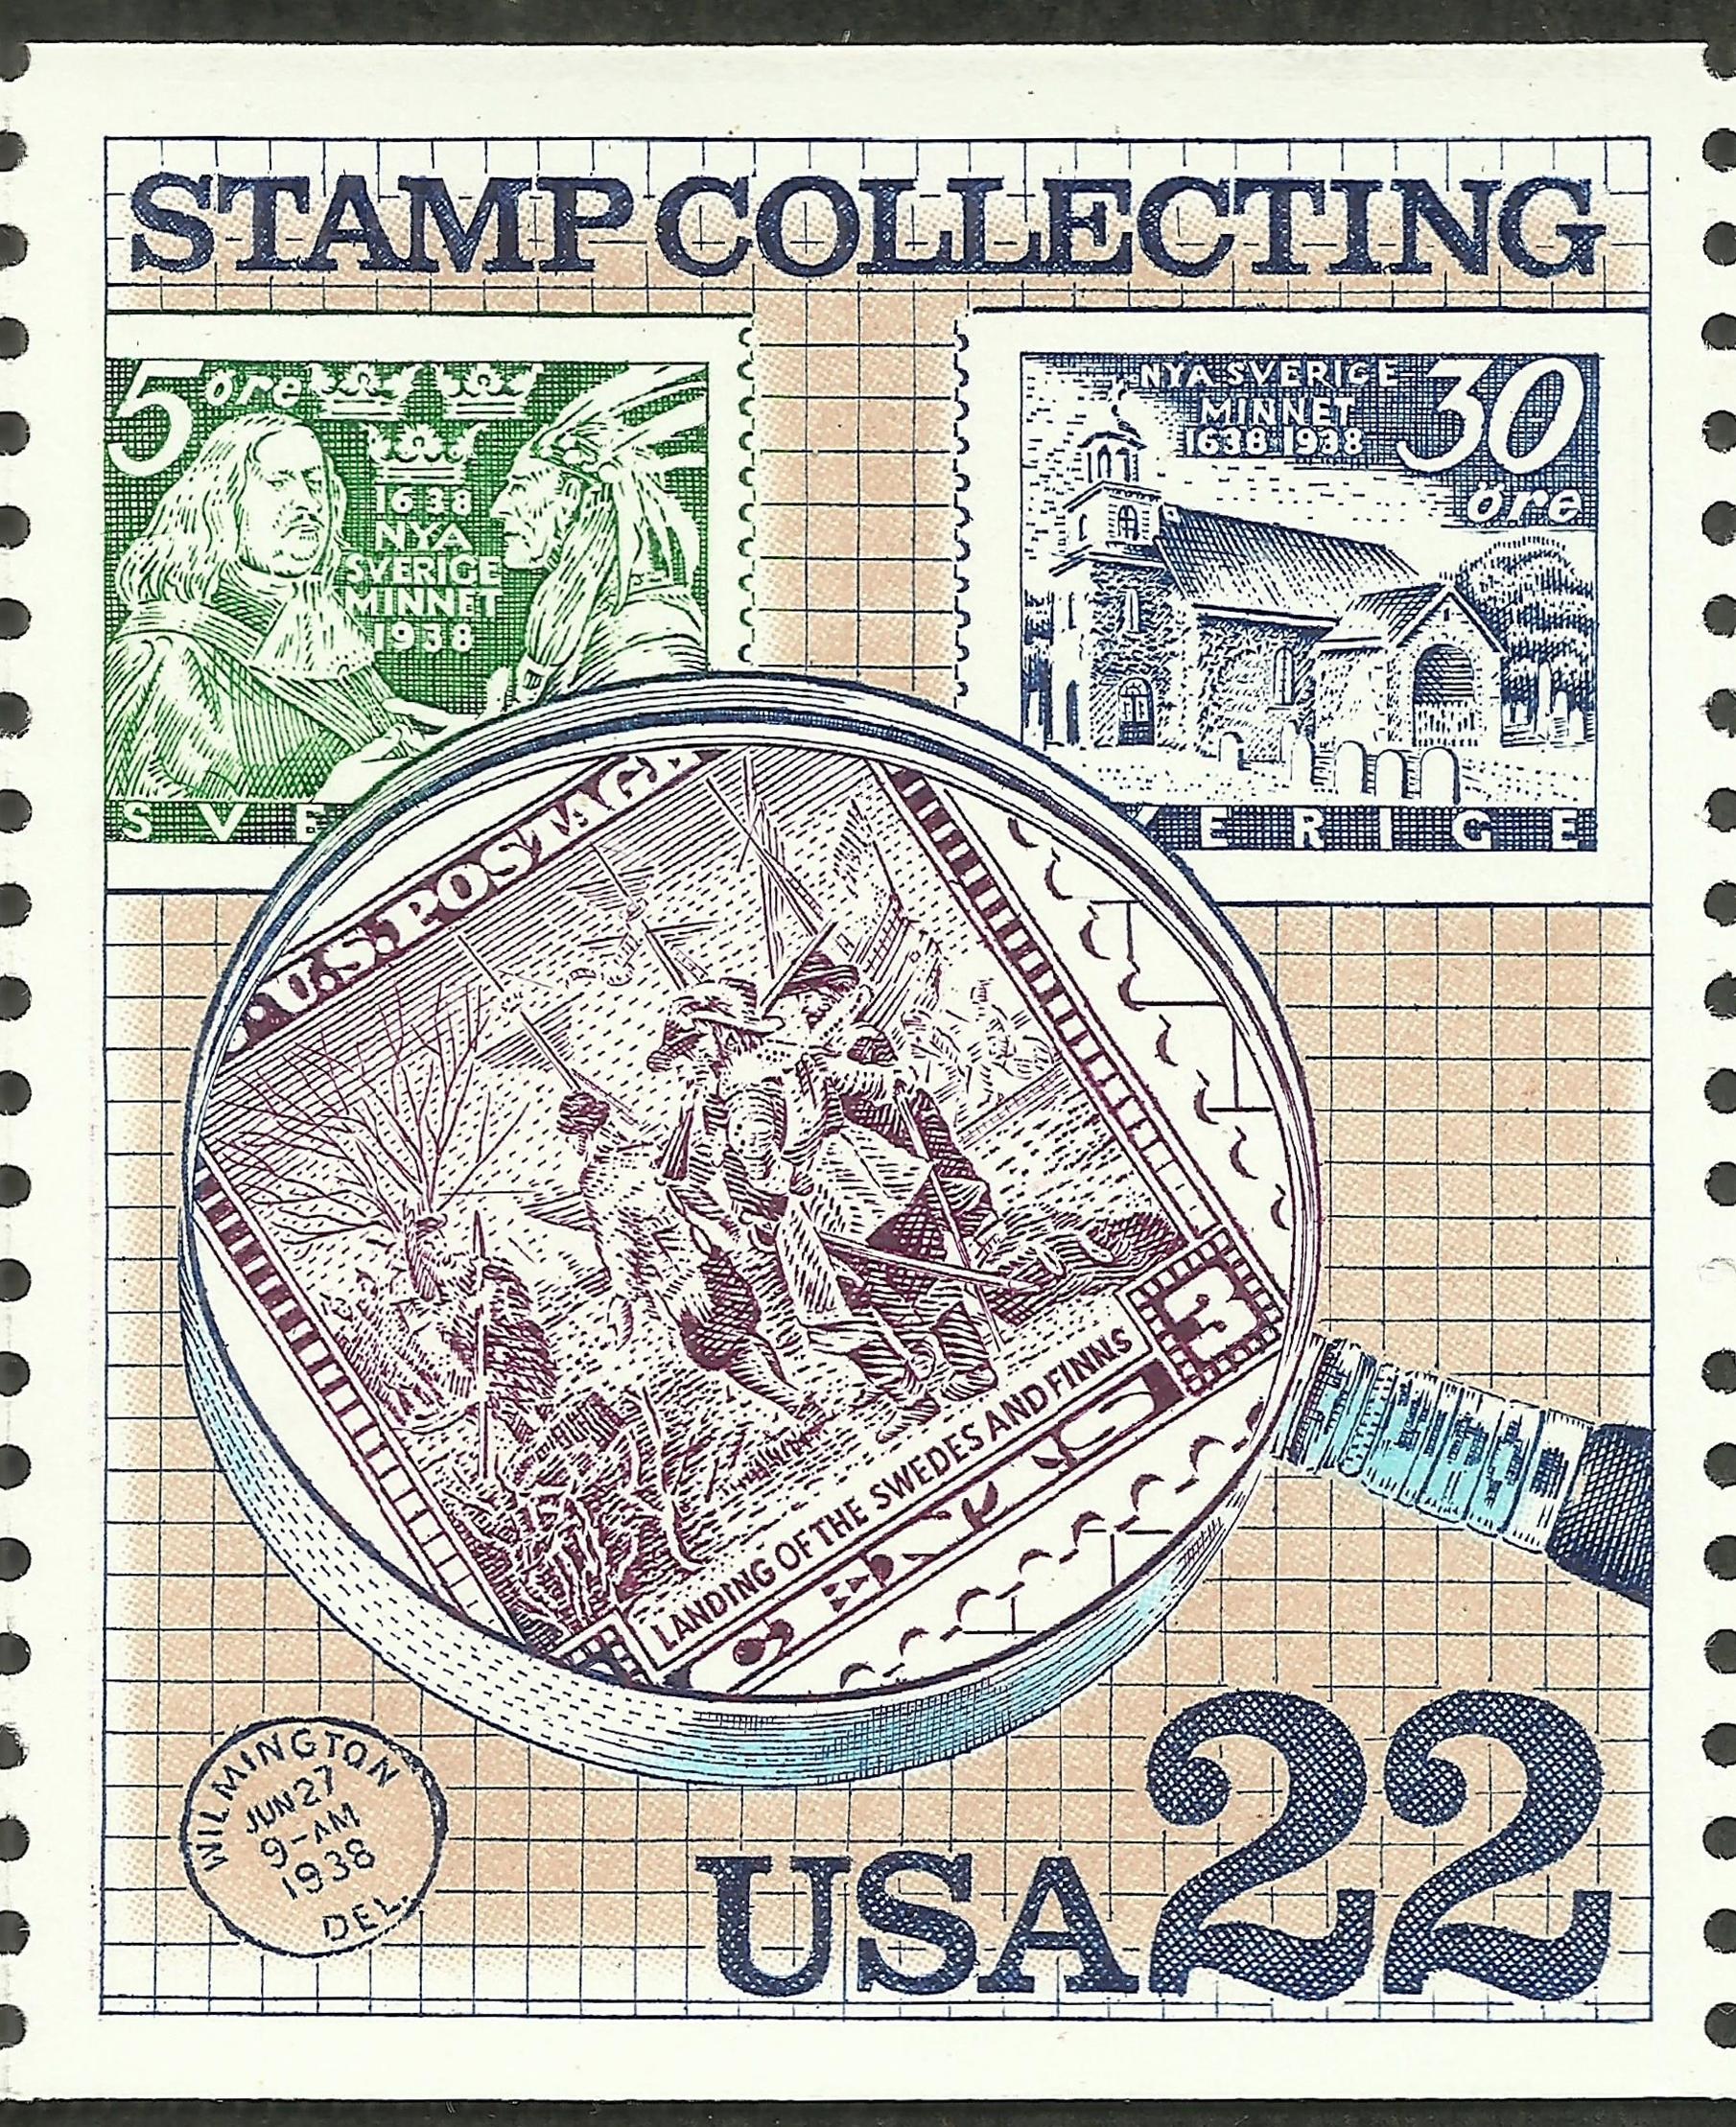 United States - Scott #2200 (1986)